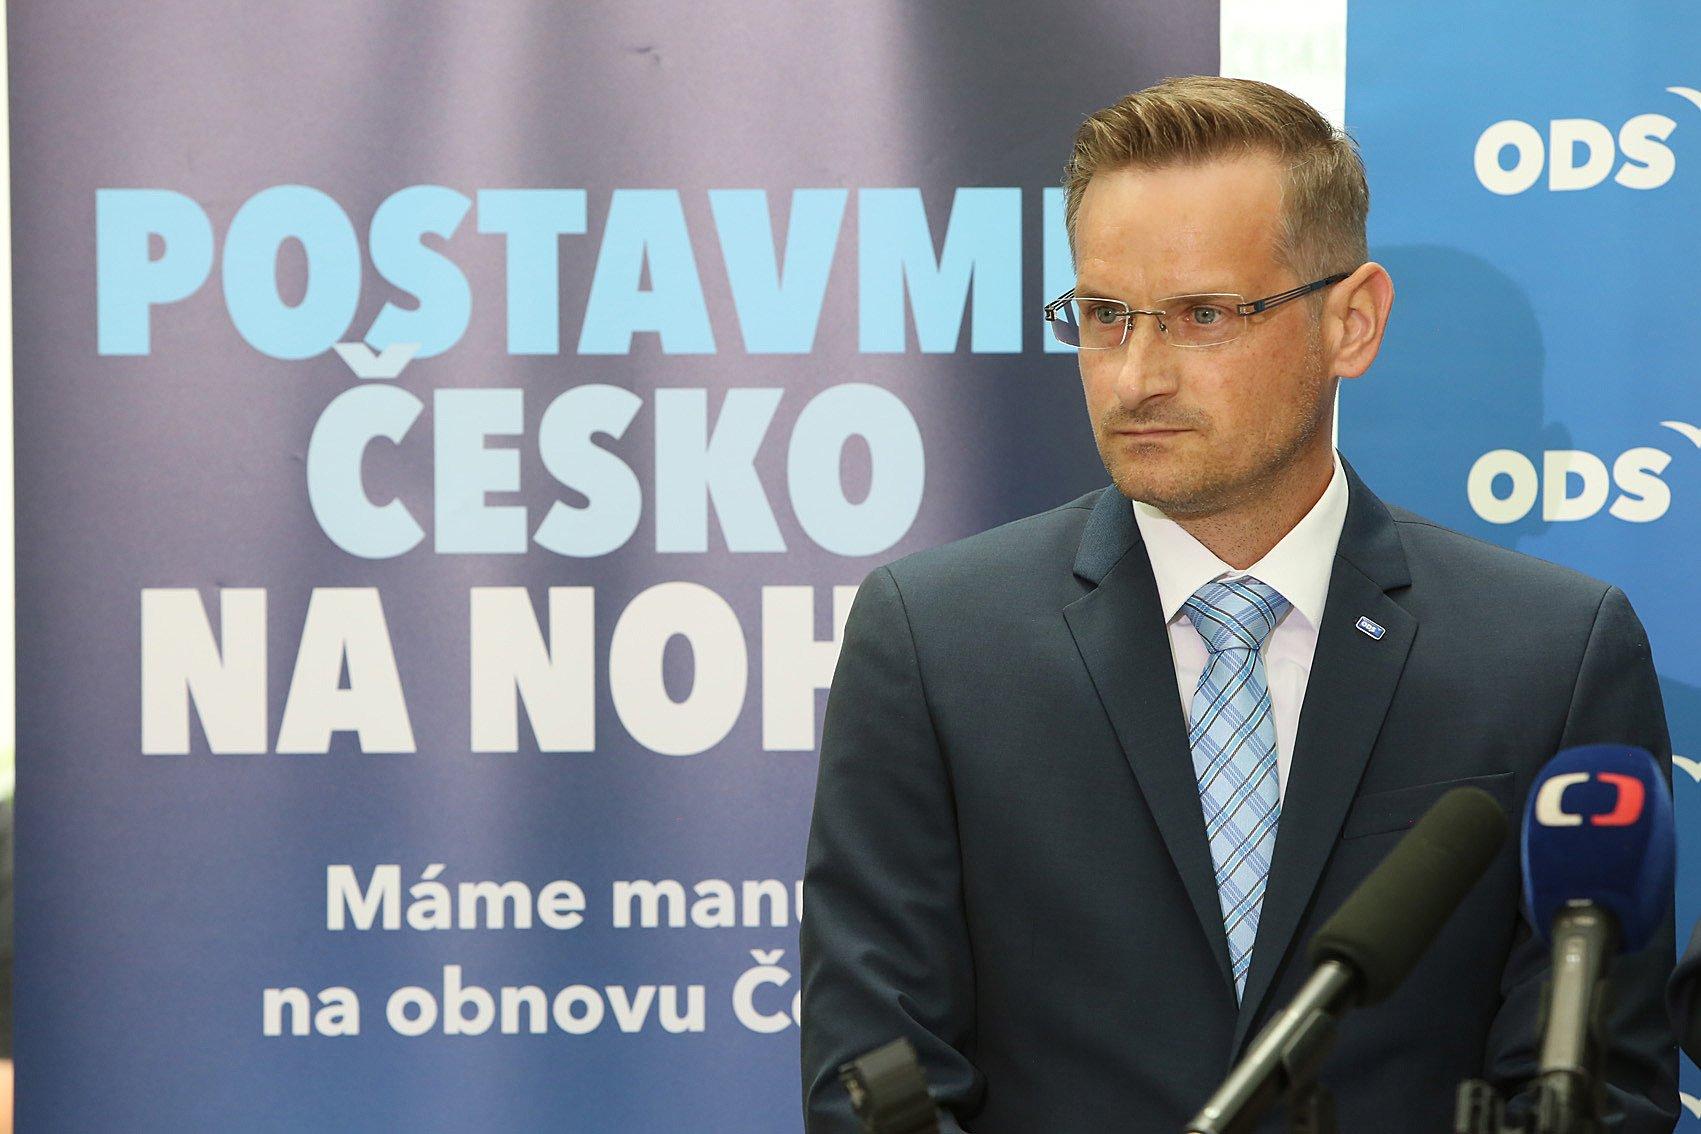 Milan Hnilička poškodil pověst NSA, měl skončit už dříve